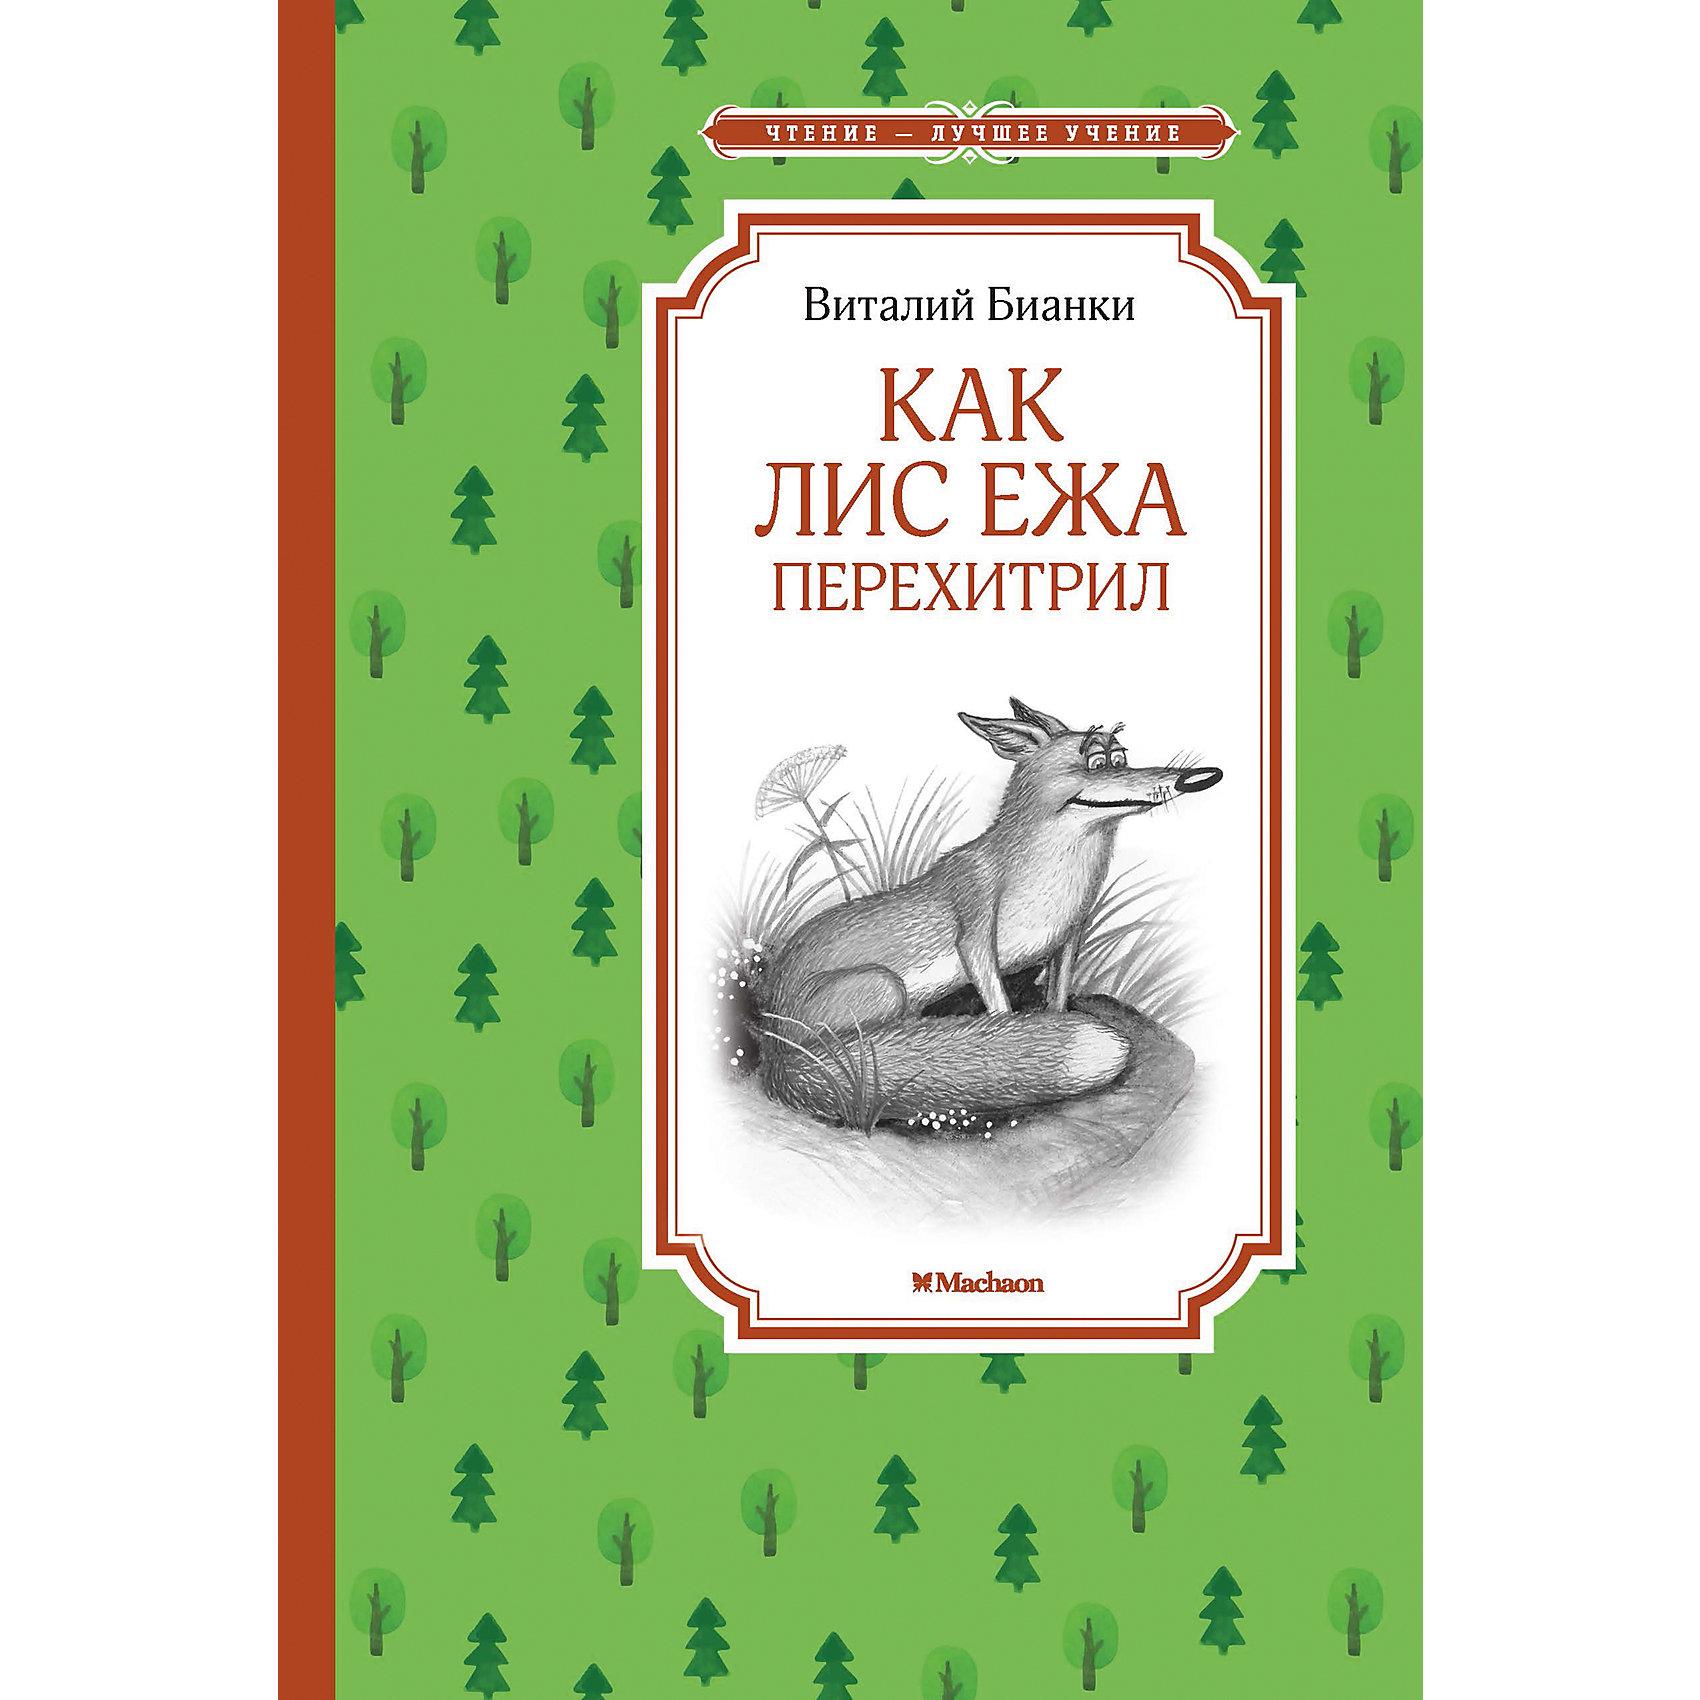 Как Лис Ежа перехитрил, В.В. БианкиРассказы и повести<br>В.В. Бианки – классик детской литературы. Его книги о лесе и его обитателях соединили в себе поэзию и точное знание.<br>Писатель назвал свои произведения сказки-несказки, потому что, с одной стороны, как натуралист он изложил в них научные знания, а с другой – своими «волшебными» словами расколдовал многие тайны природы.<br><br>Дополнительная информация:<br><br>Возраст: нет ограничений;<br>Автор: Виталий Валентинович Бианки;<br>Формат: 21х14 см.;<br>Переплет: твердый переплет;<br>Страниц: 160;<br>Масса: 268 г.<br>ISBN: 978-5-389-10820-2<br><br>Такая книга будет послужит прекрасным подарком вашему ребенку!<br><br>Книгу Как лис Ежа перехитрил В.В. Бианки можно купить в нашем магазине.<br><br>Ширина мм: 210<br>Глубина мм: 140<br>Высота мм: 12<br>Вес г: 268<br>Возраст от месяцев: 84<br>Возраст до месяцев: 120<br>Пол: Унисекс<br>Возраст: Детский<br>SKU: 4725953